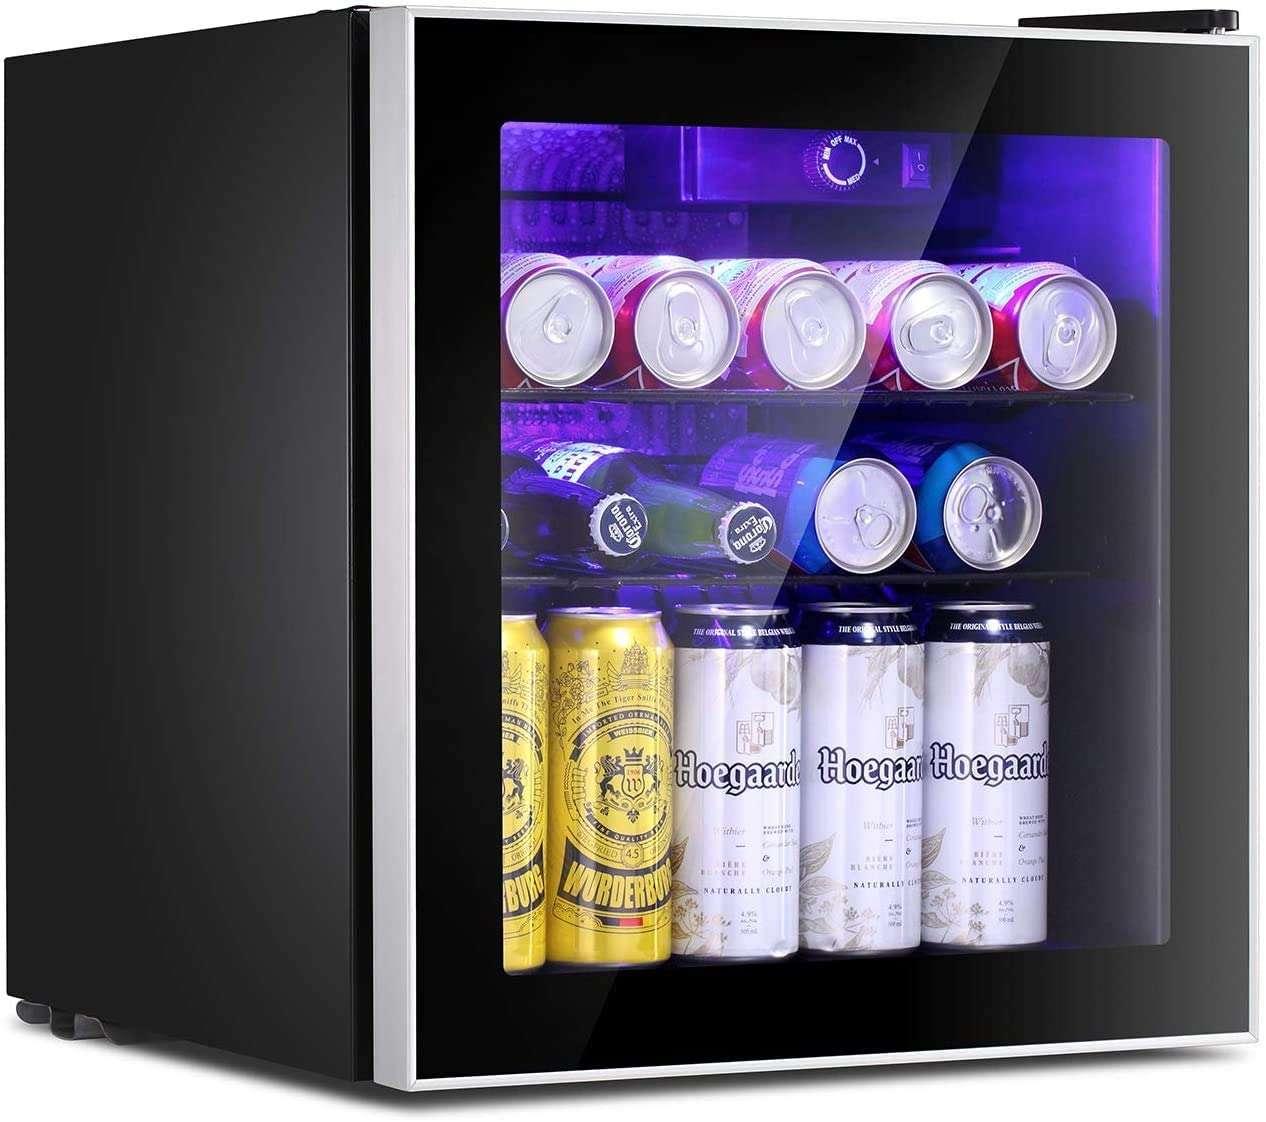 antarctic star mini fridge cooler drinks inside isolated on white background